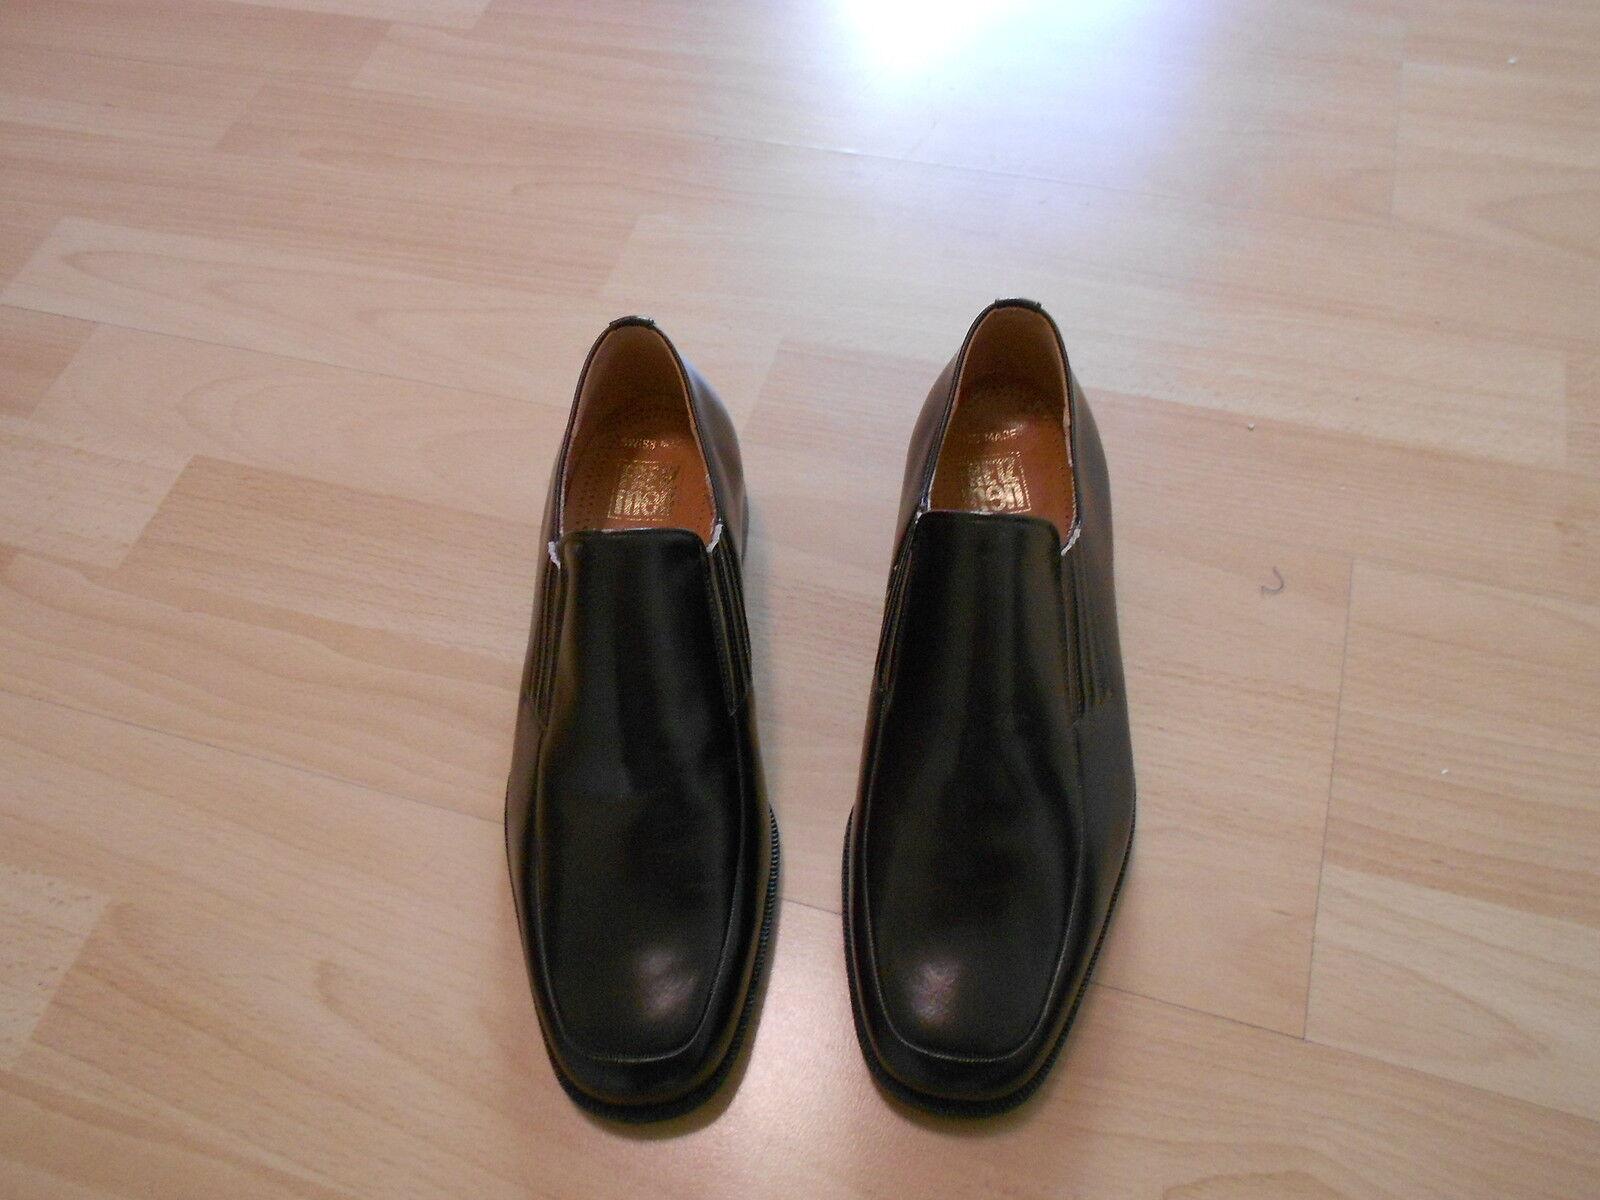 Fretz Menn Herren Echt Schuhe Gr:7 oder 41 Echt Herren Leder Neu abb9a1